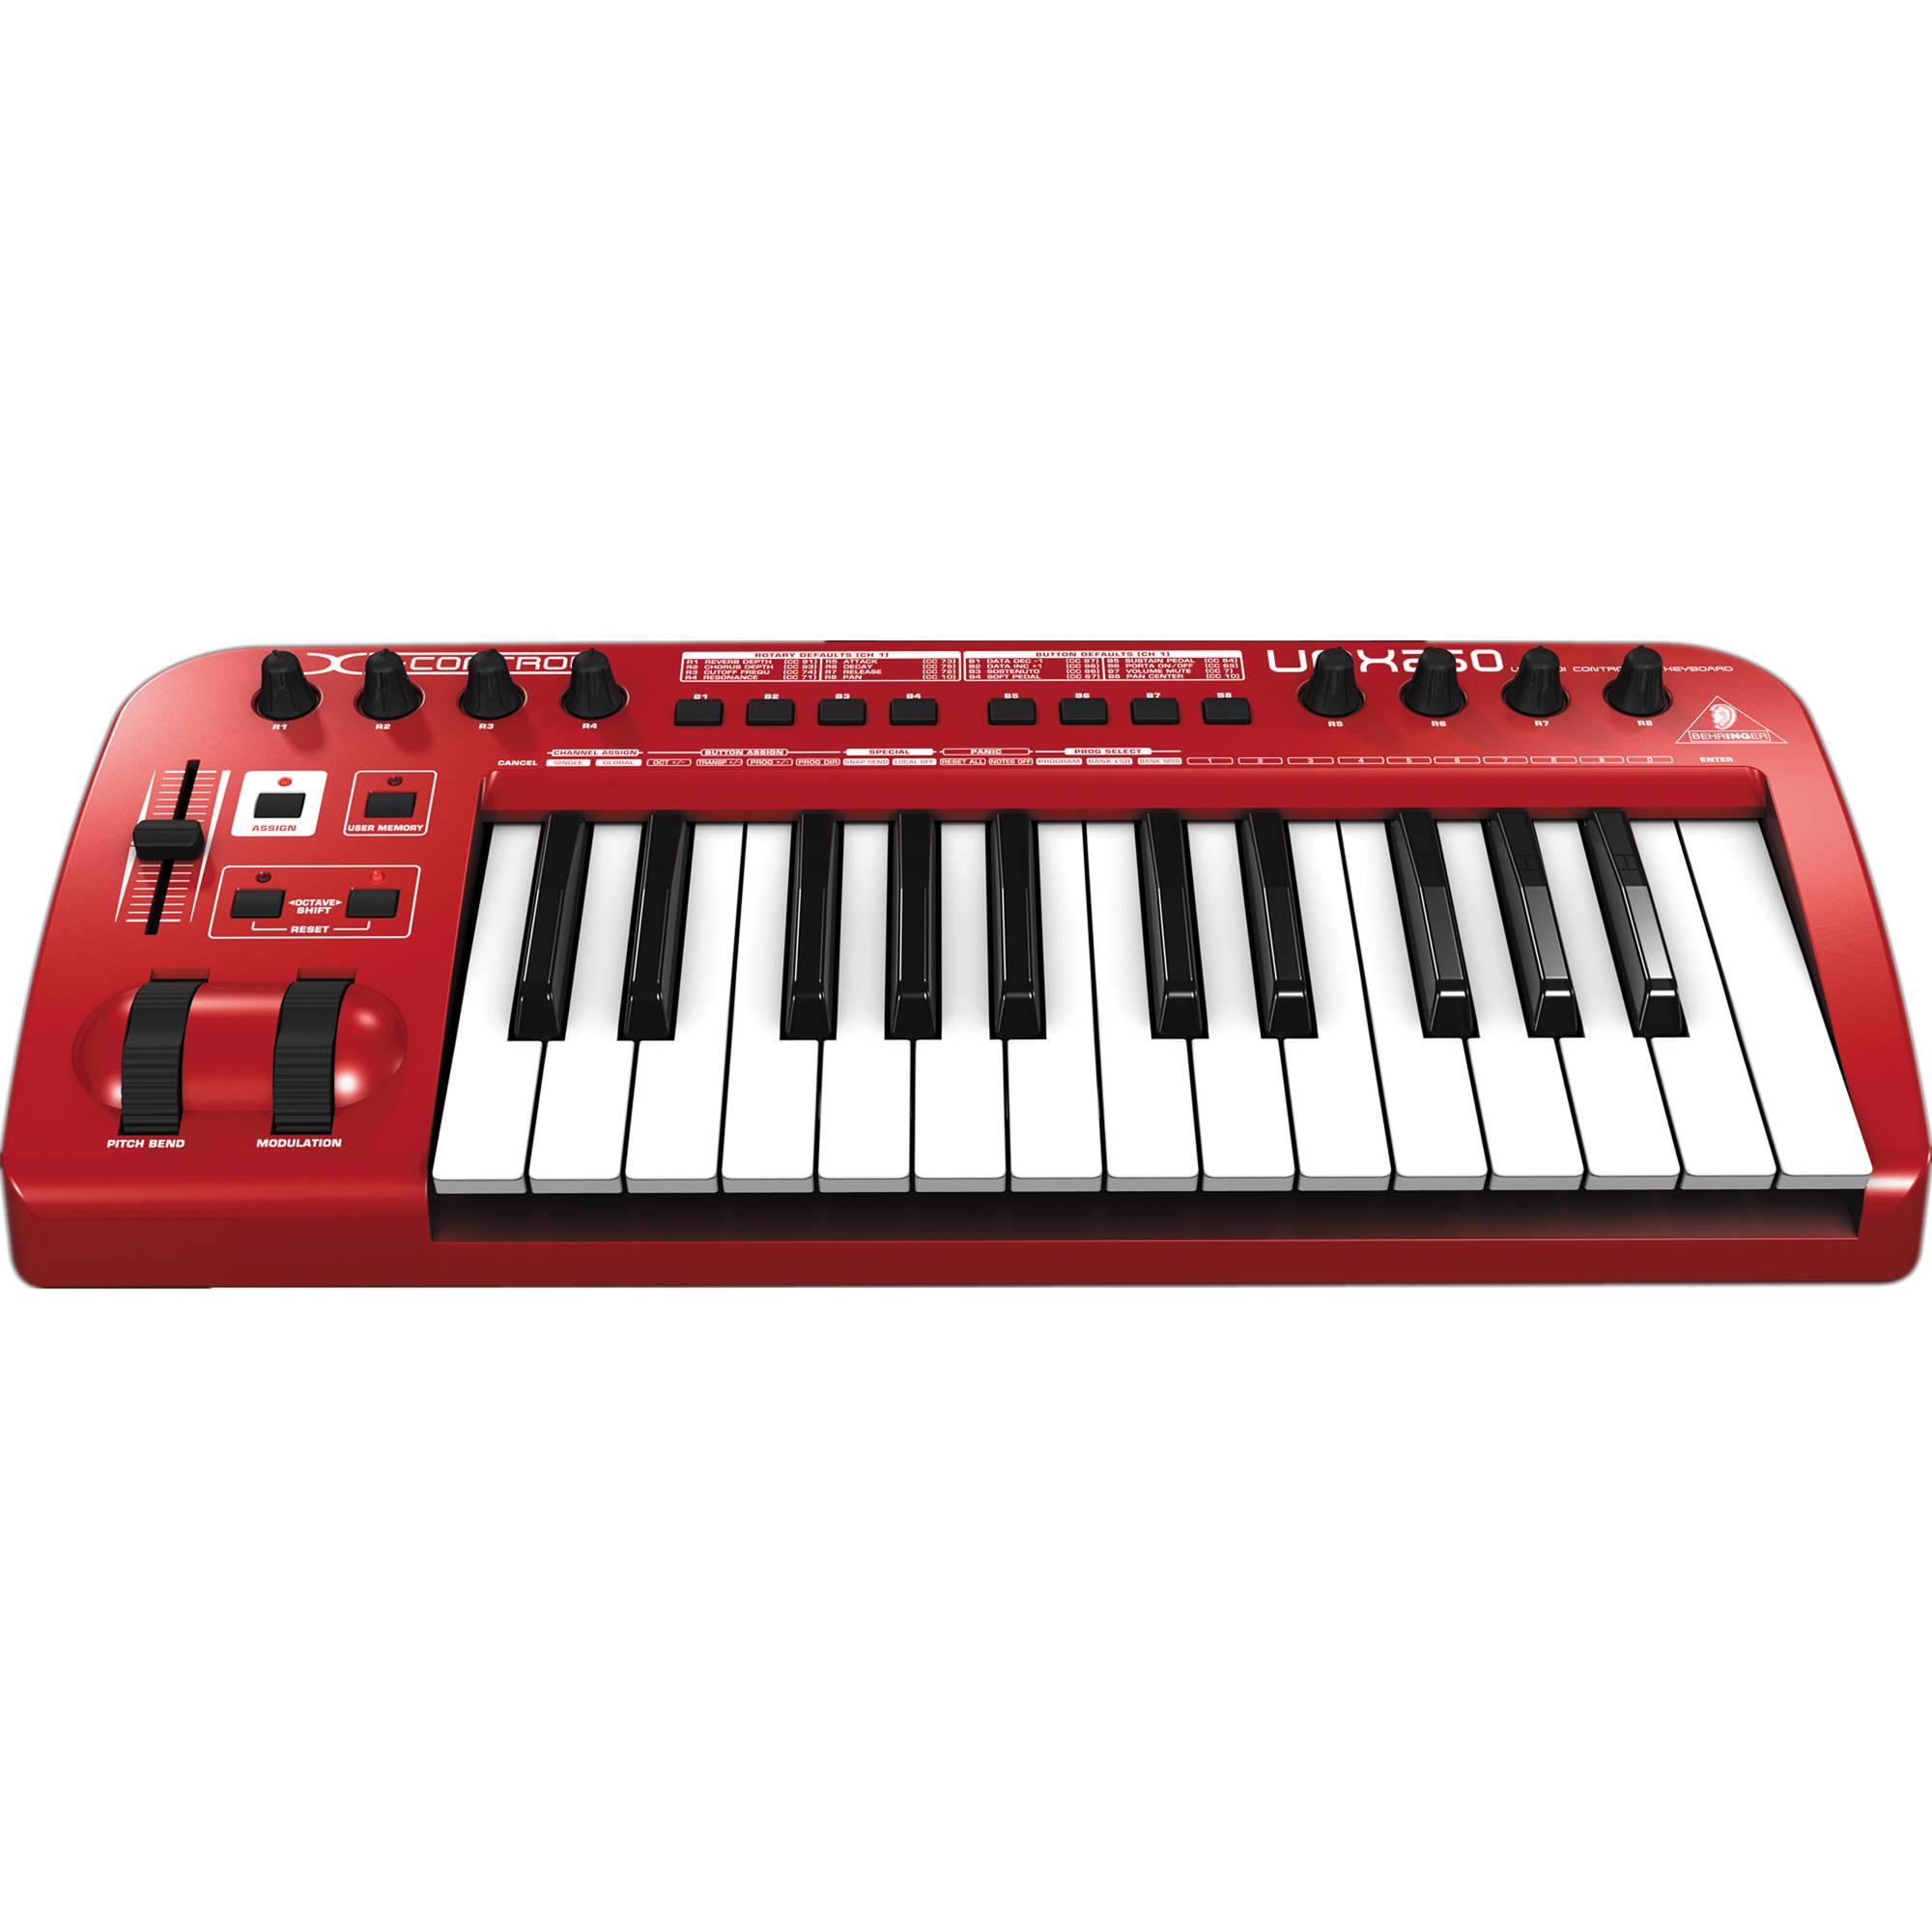 behringer u umx250 usb midi keyboard controller umx250 b h. Black Bedroom Furniture Sets. Home Design Ideas